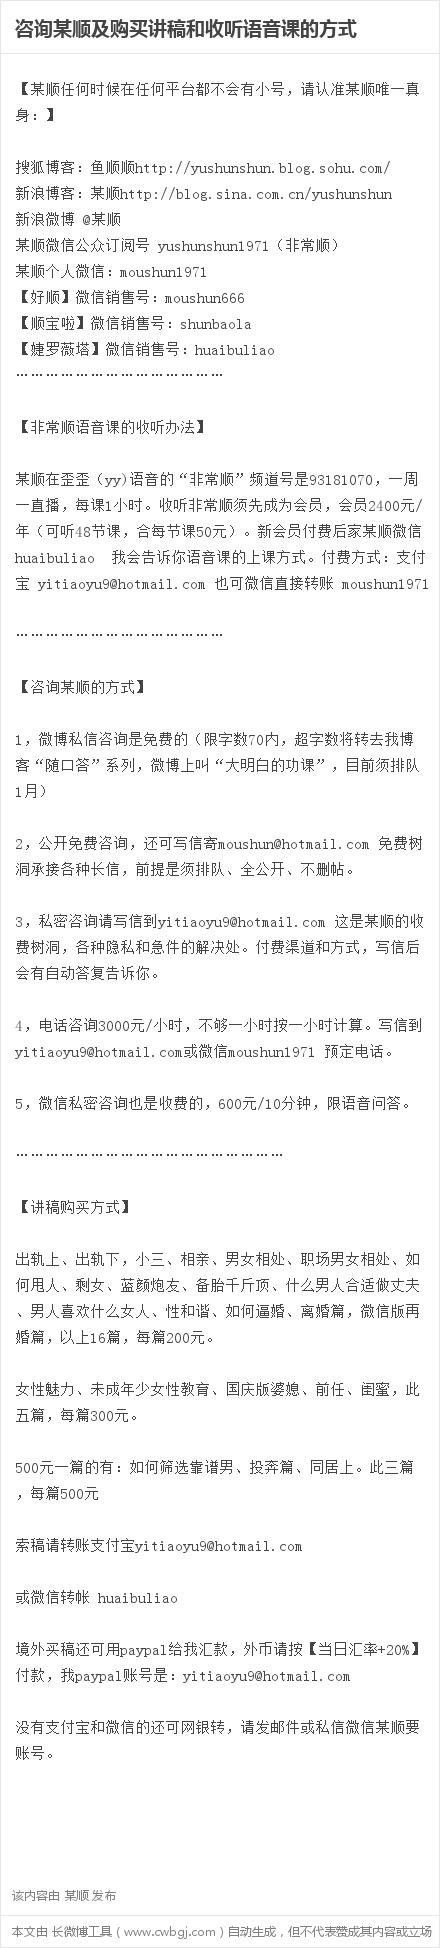 顺口答二二八五 - yushunshun - 鱼顺顺的博客